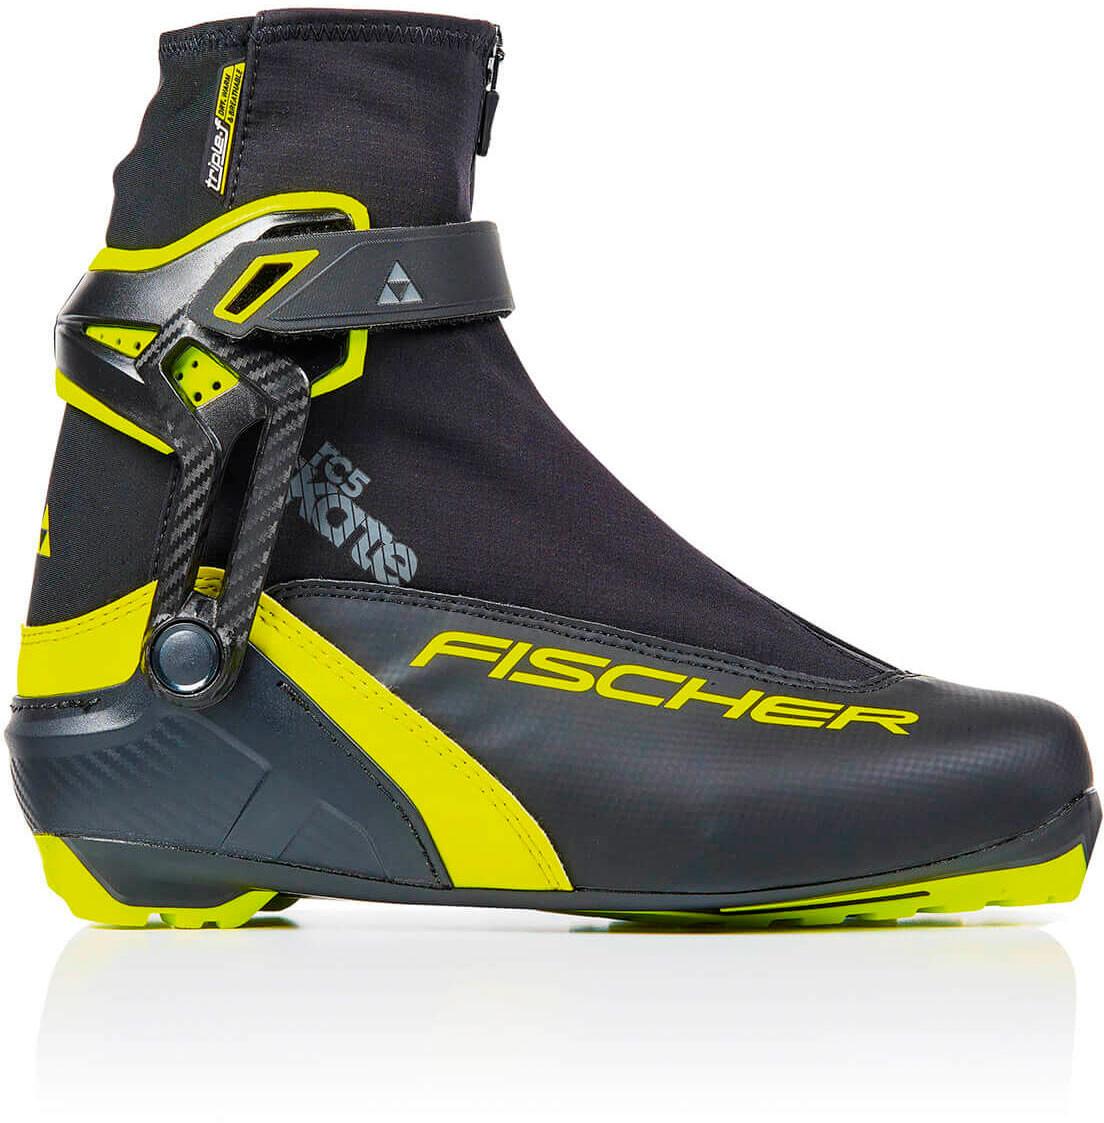 Fischer RC5 Skate 43 2019/2020